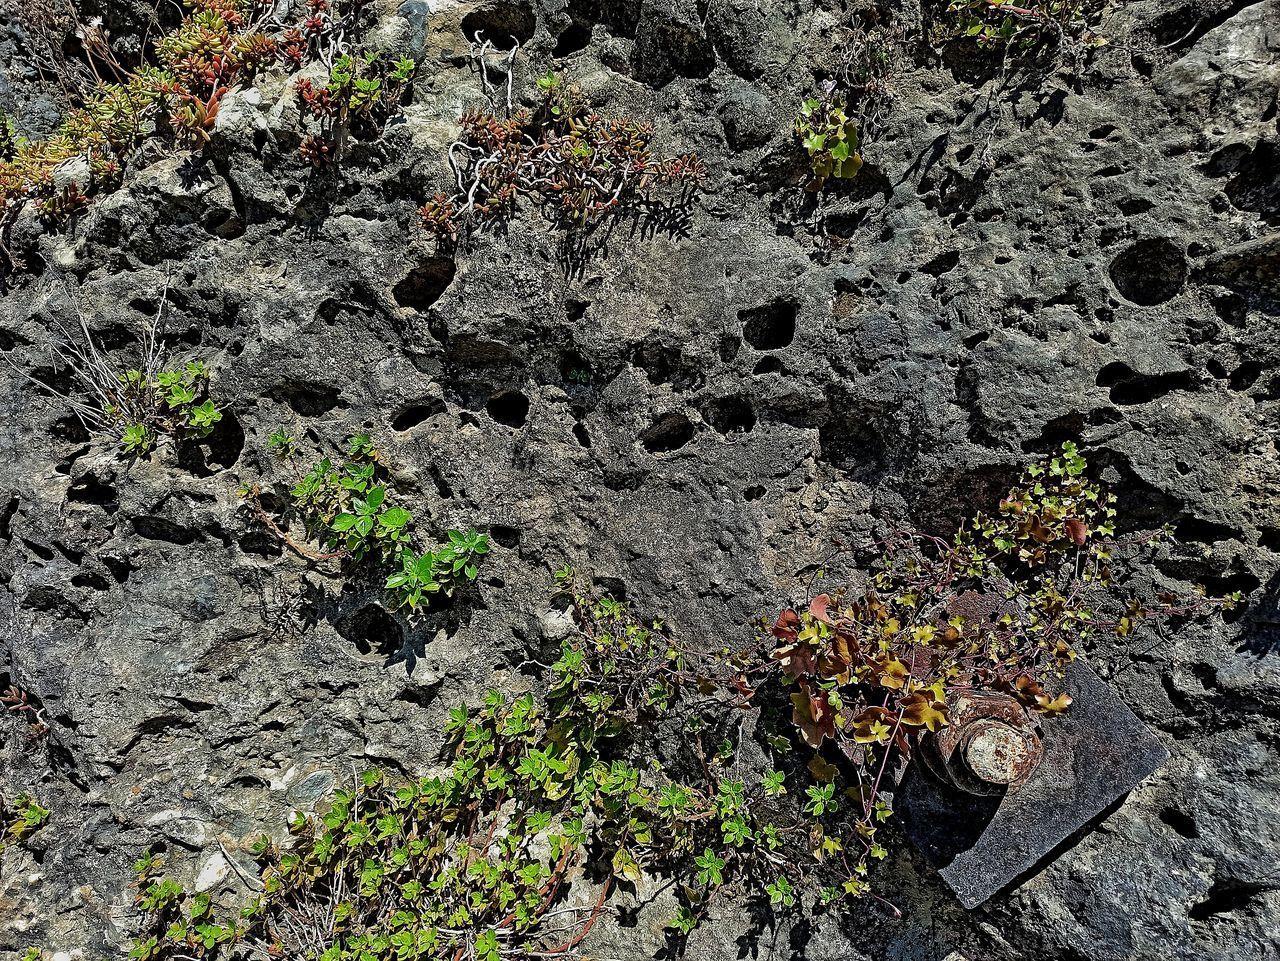 HIGH ANGLE VIEW OF PLANTS ON ROCKS